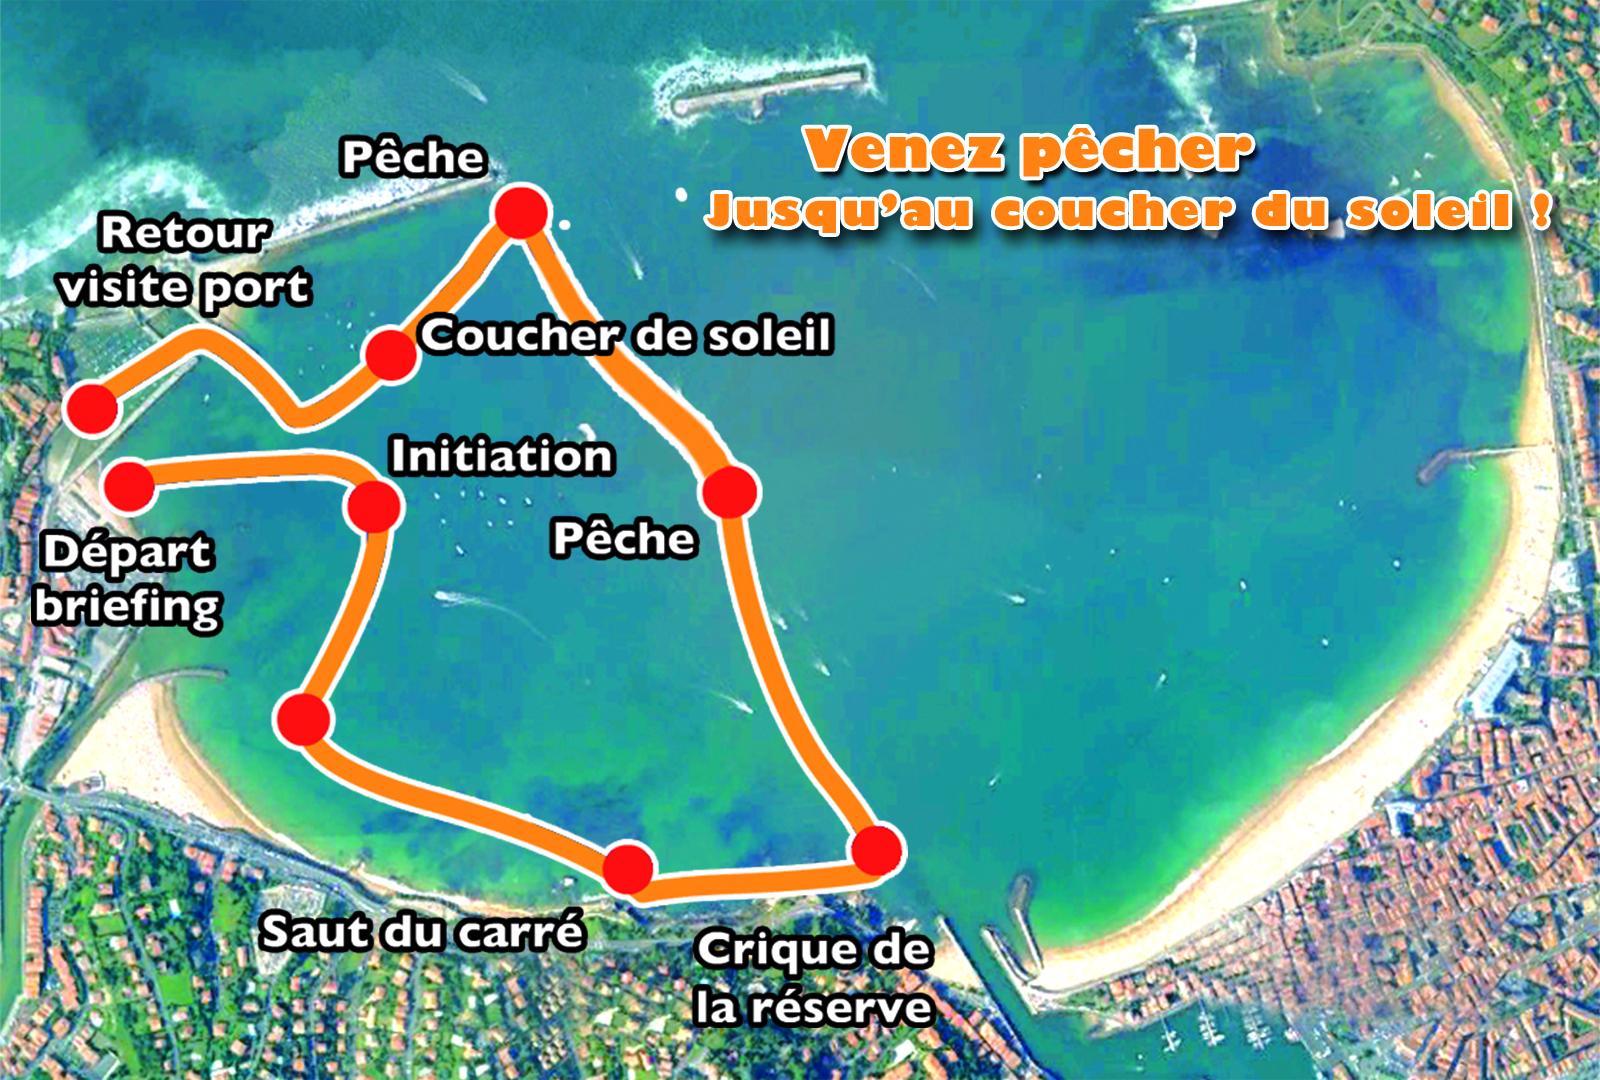 Balade et initiation à la pêche en pirogue Hawaïenne à Saint-Jean-De-Luz